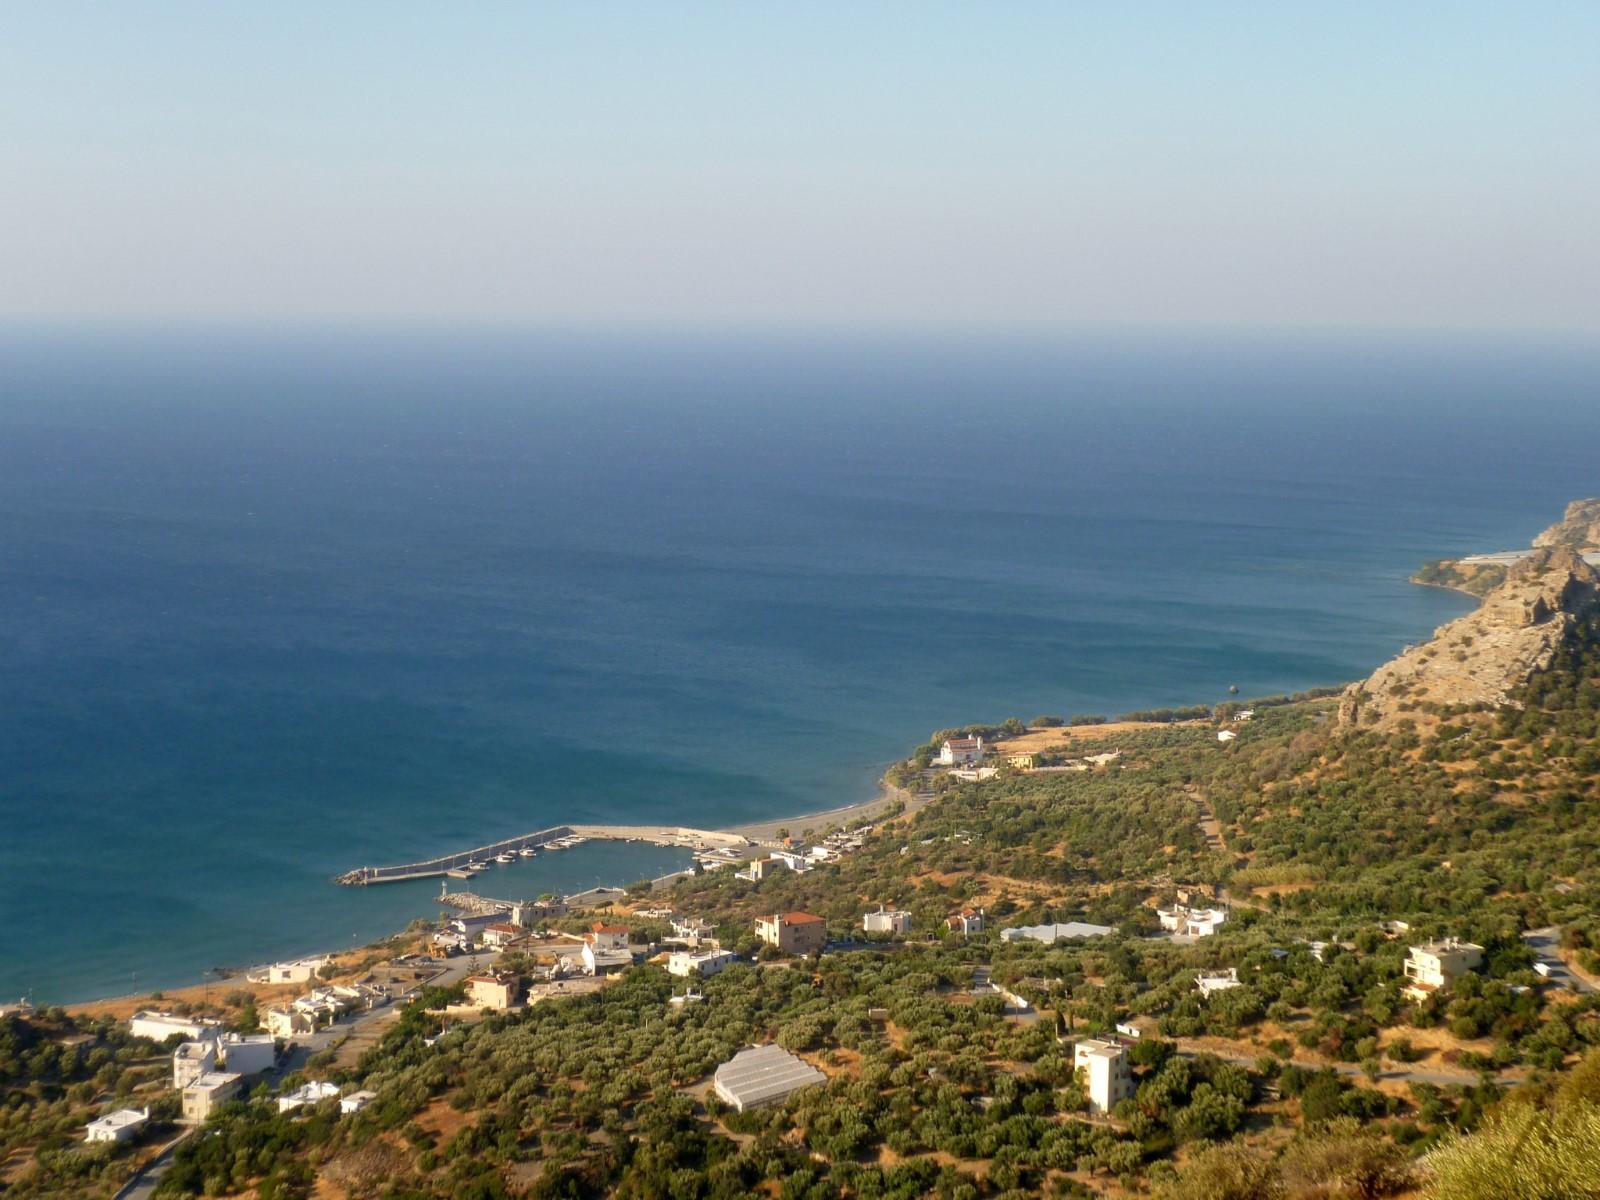 8. Παραλία Καστρί, Δήμου Βιάννου